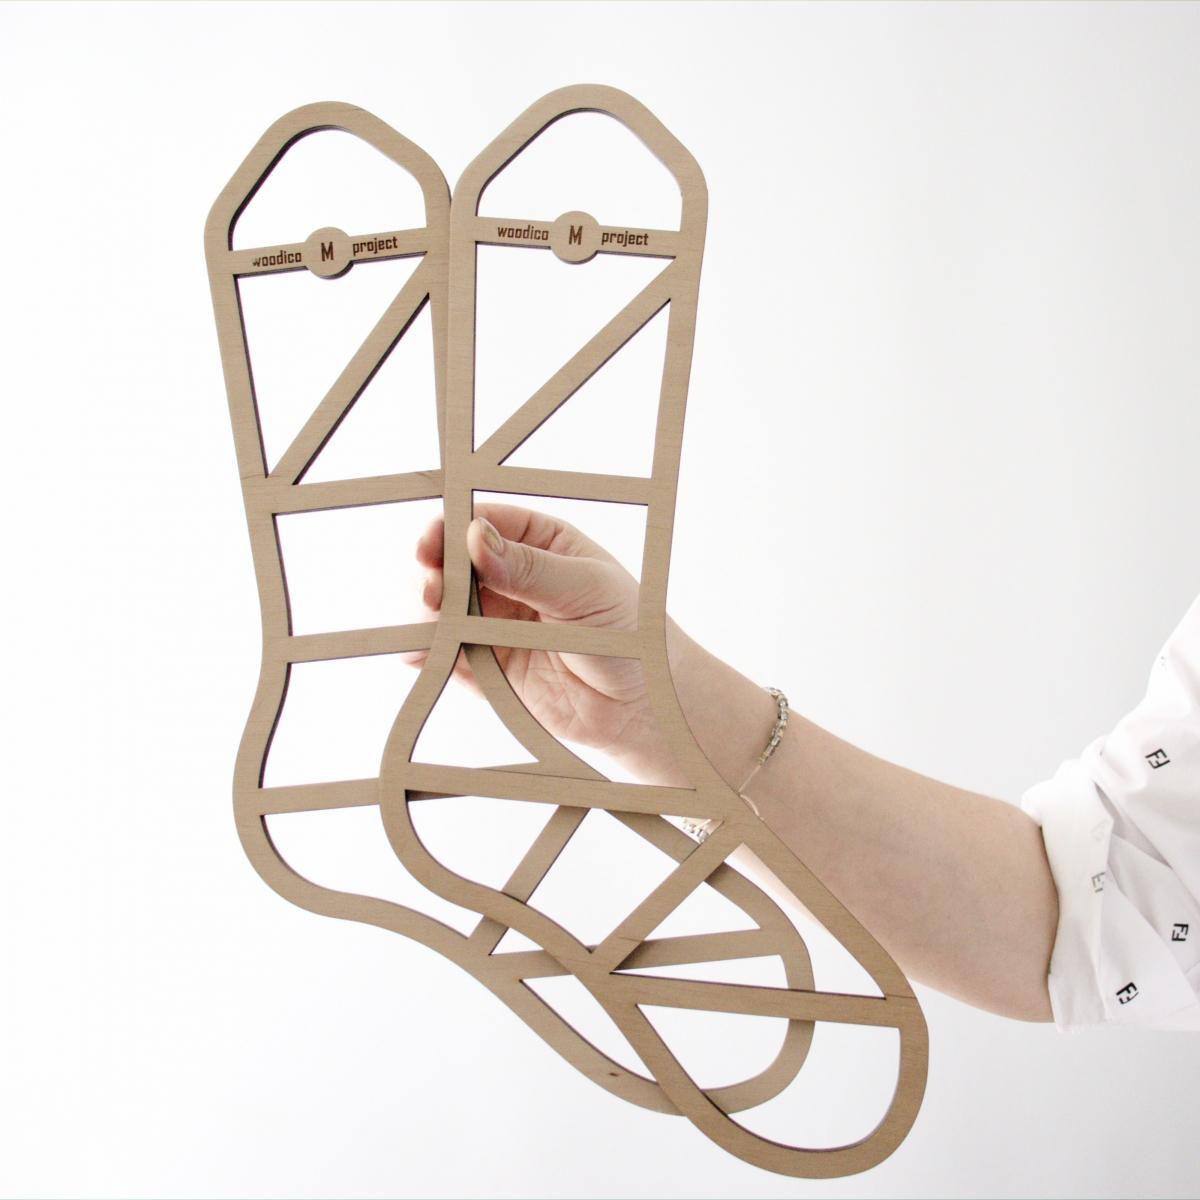 woodico.pro wooden sock blockers zen 10 1200x1200 - Wooden sock blockers / Zen